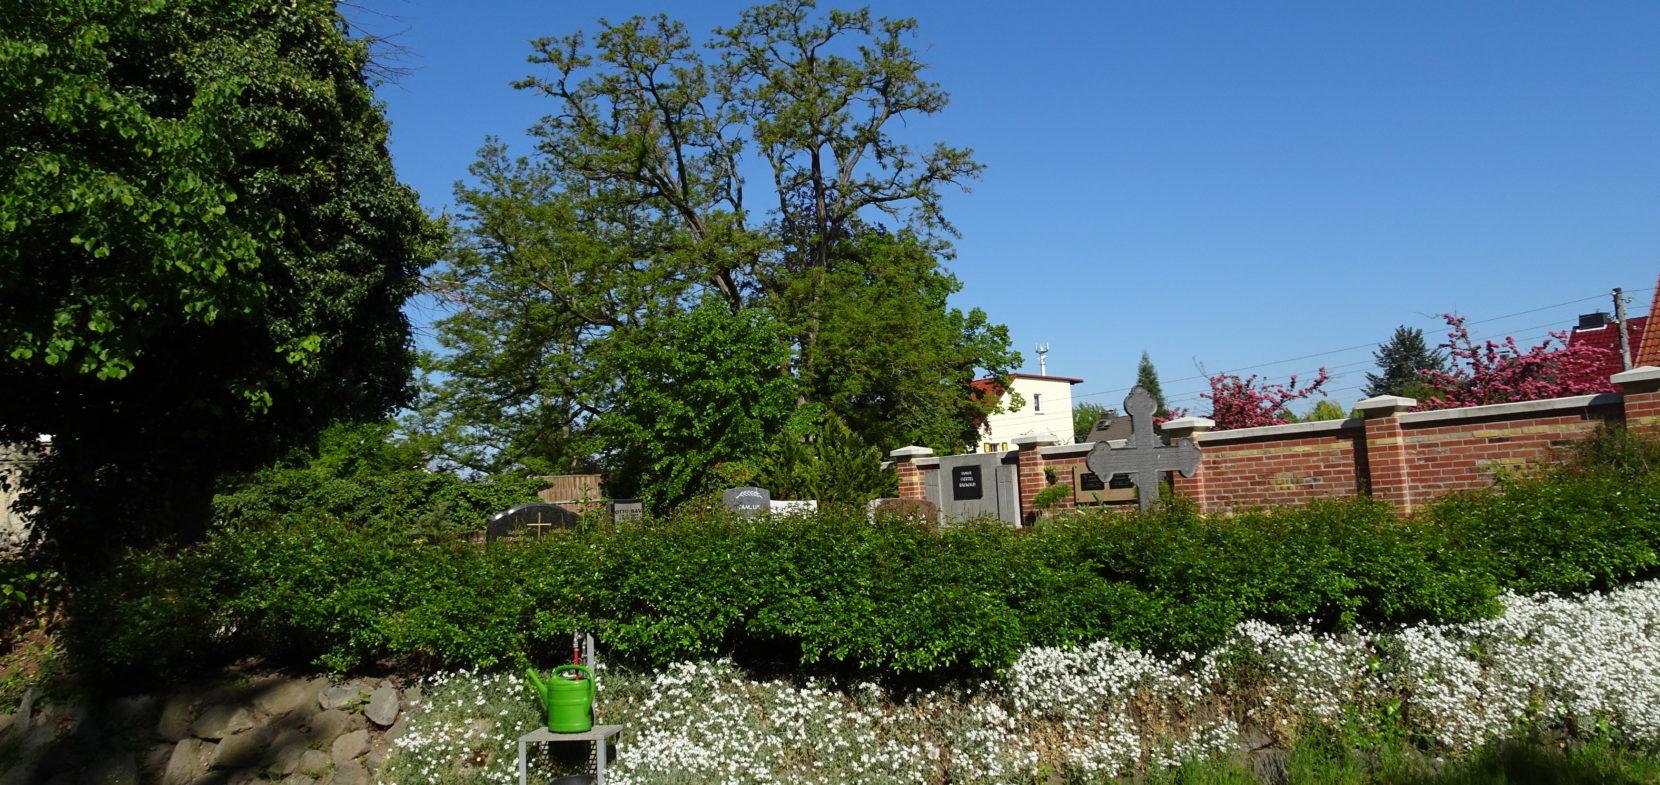 Friedhof Hänichen